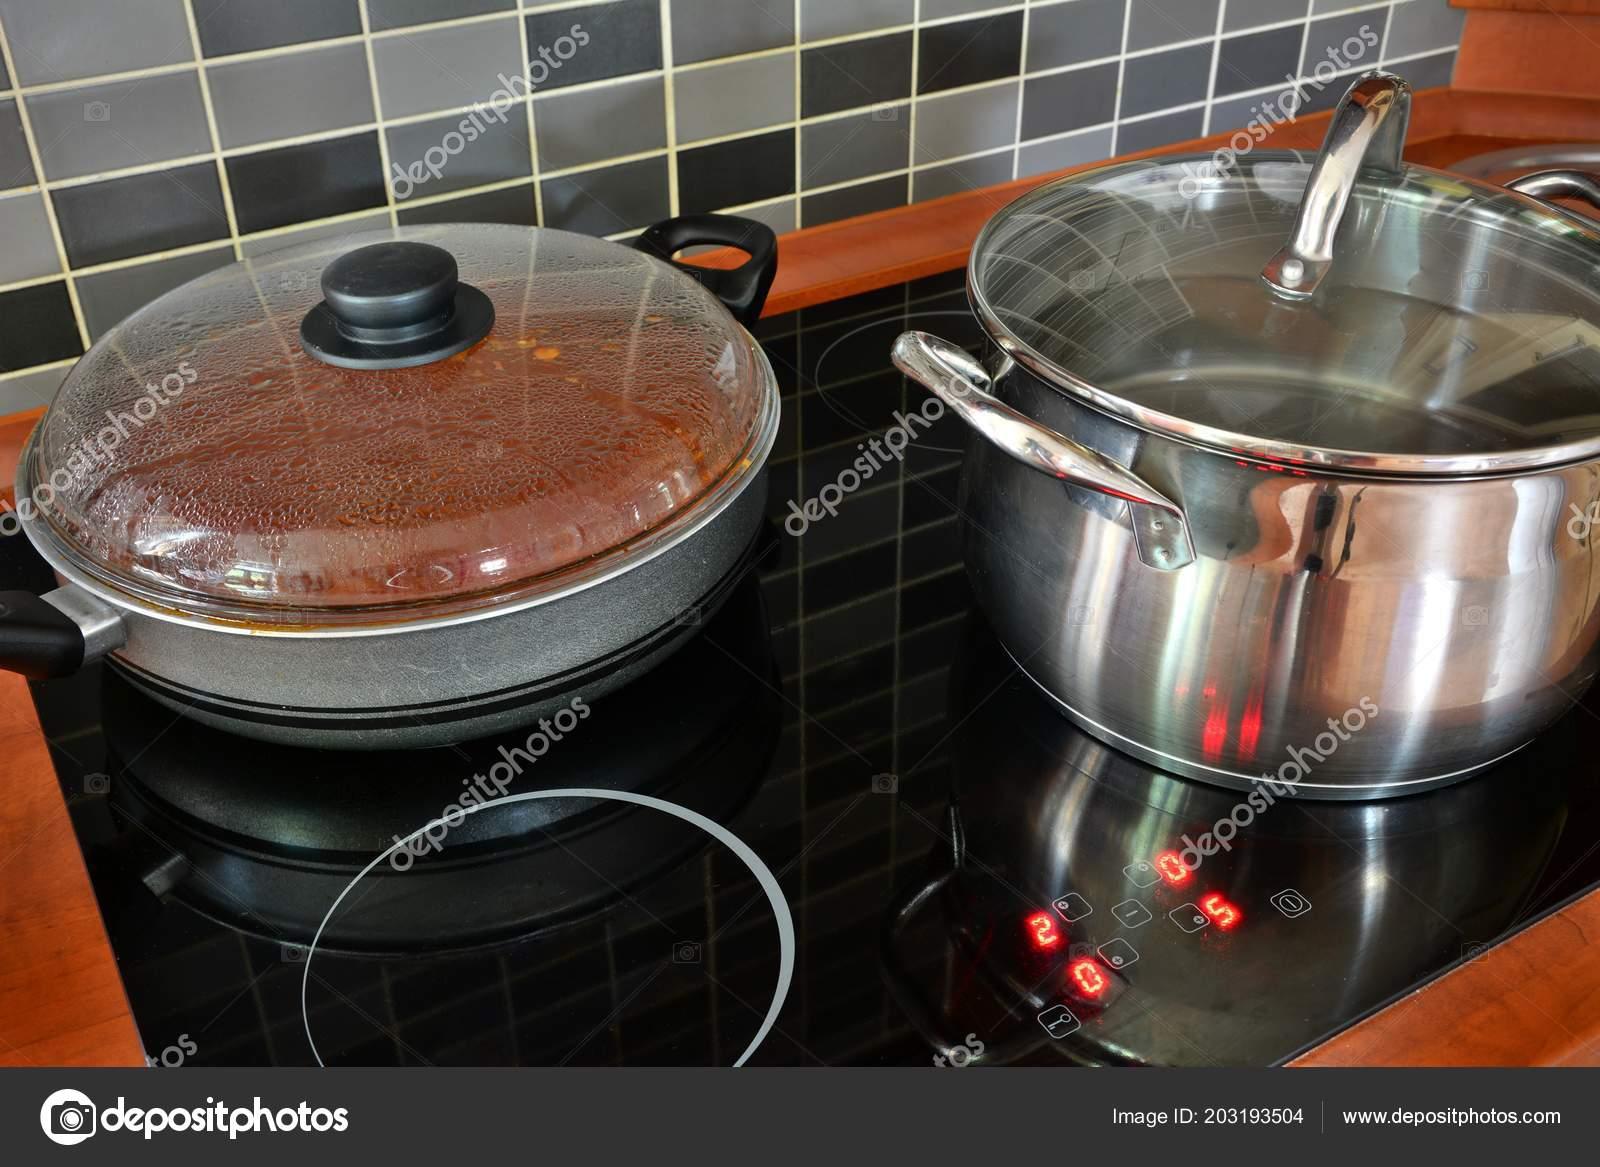 Schwarze Küche Induktionskochfeld Mit Edelstahl Topf Und Pfanne